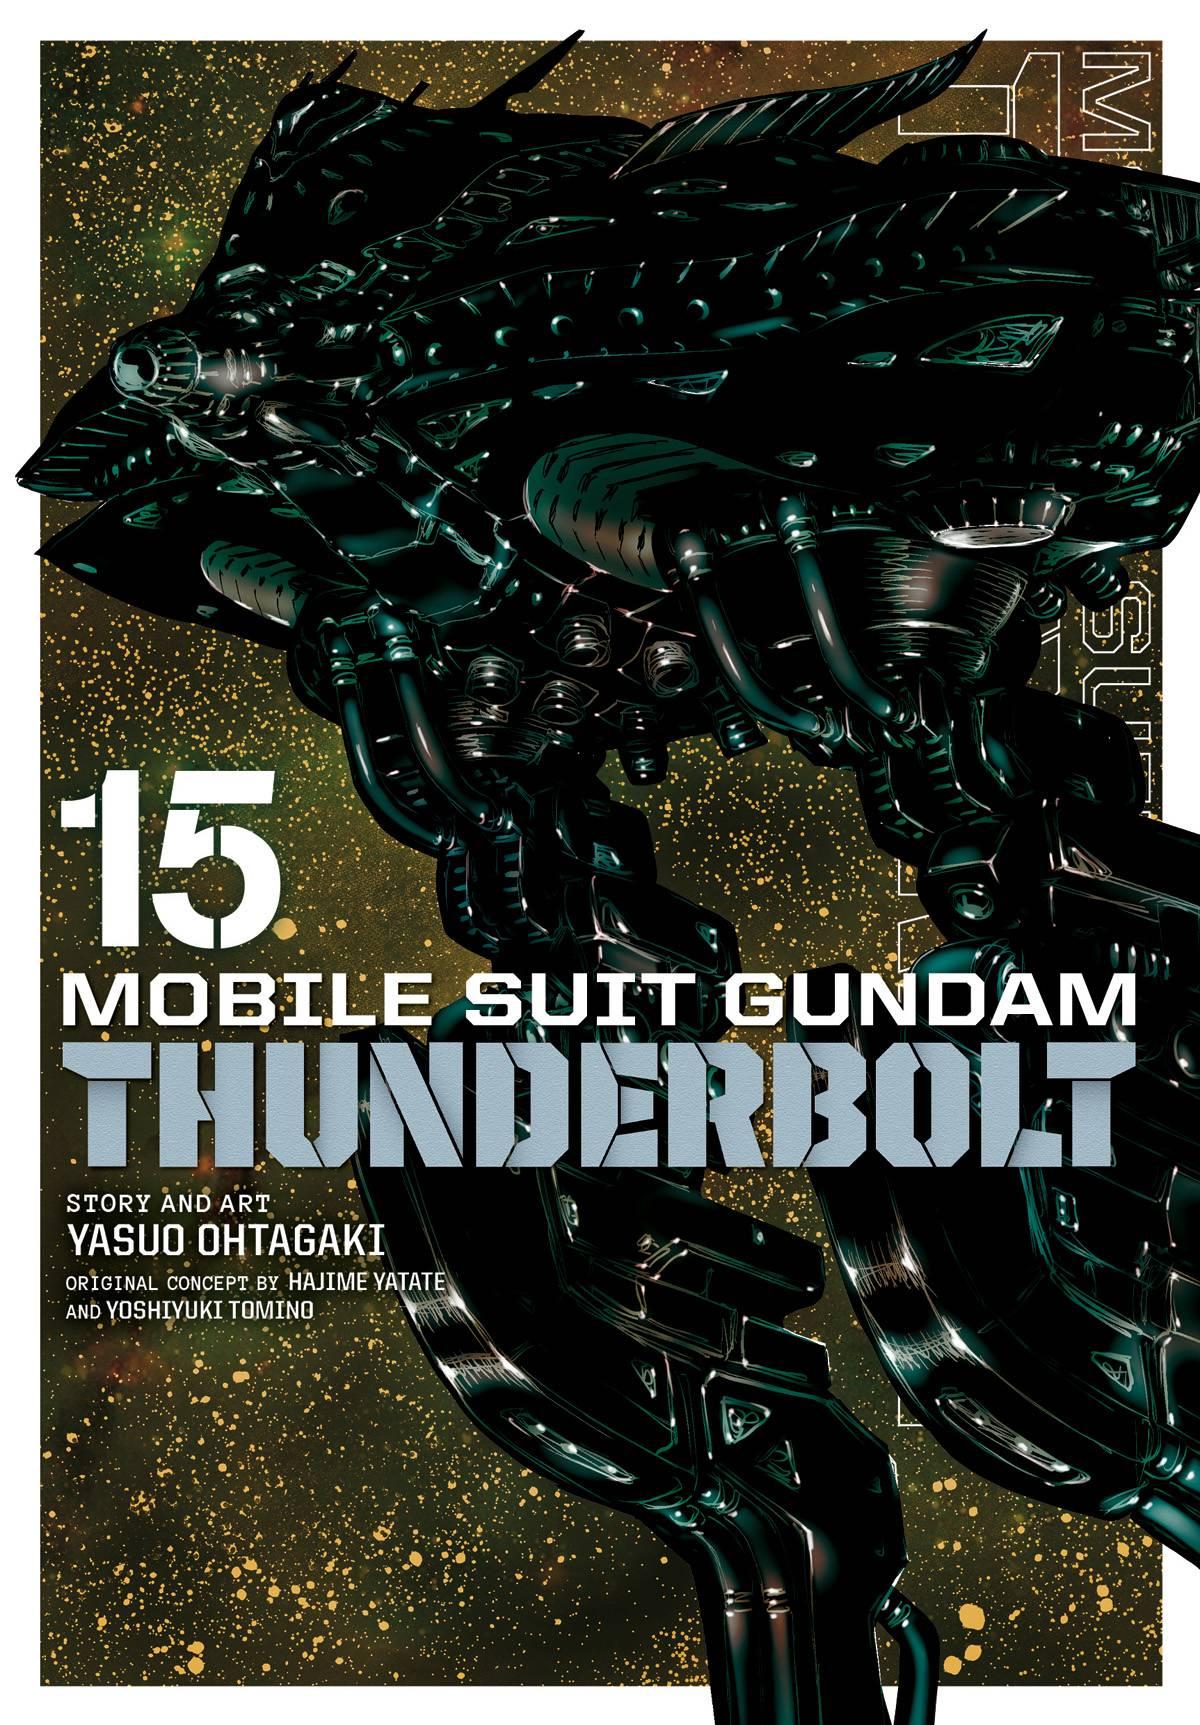 MOBILE SUIT GUNDAM THUNDERBOLT GN 15